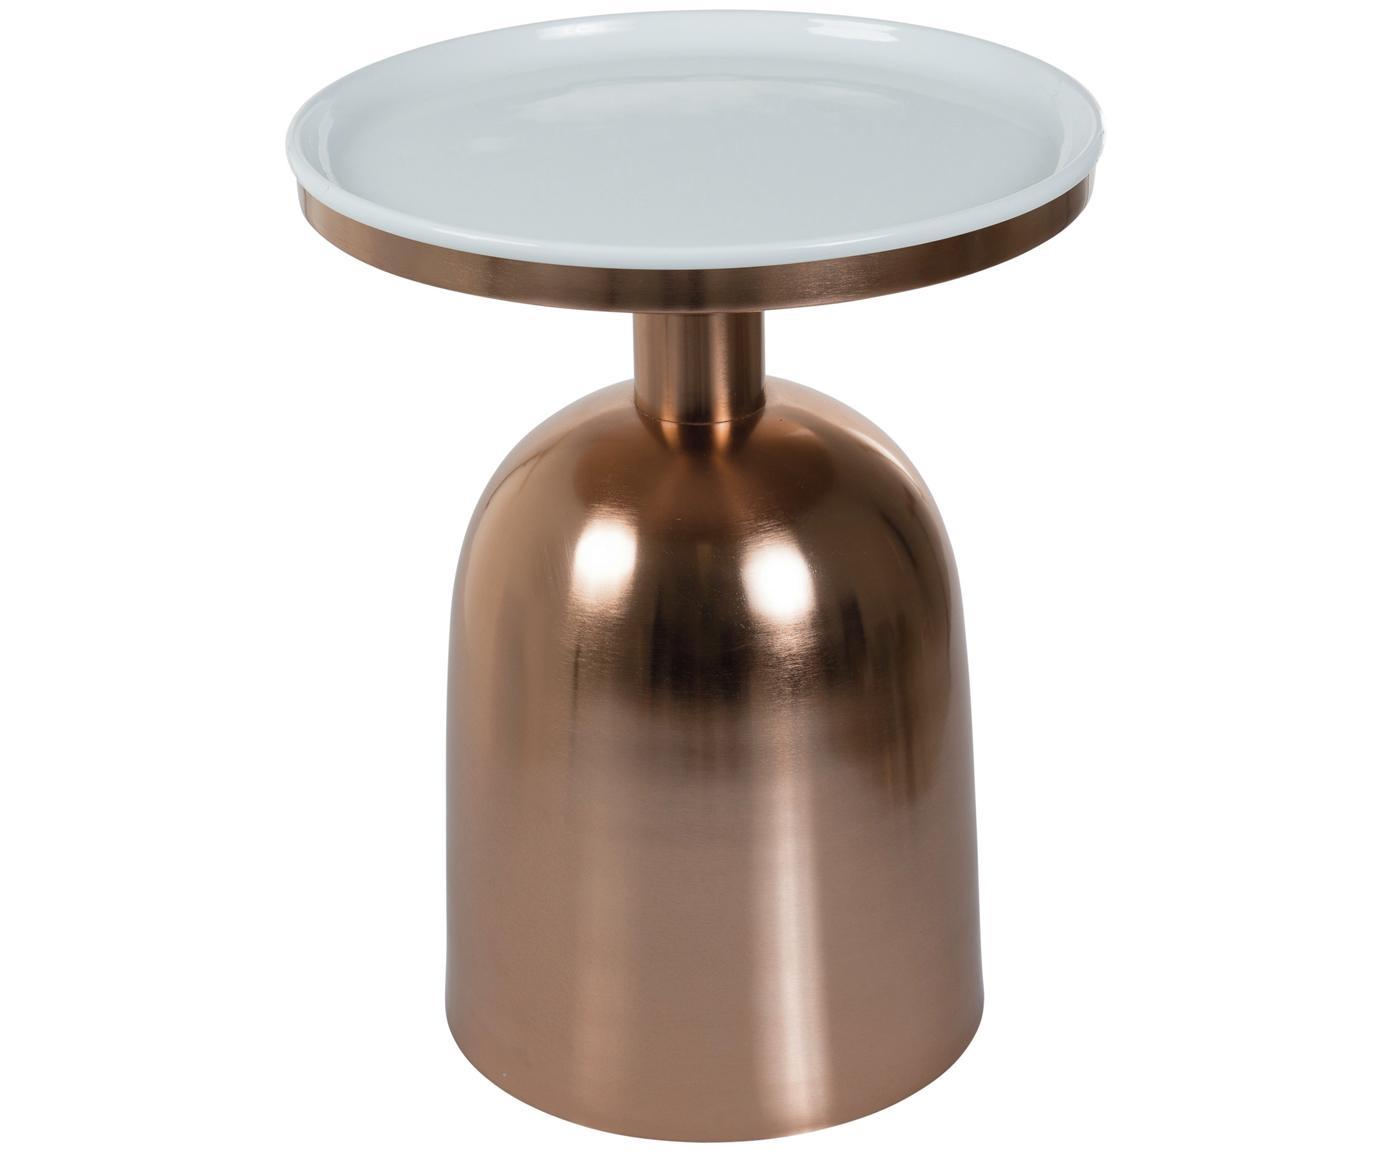 Stolik pomocniczy emaliowany Ikon, Blat: metal emaliowany, Stelaż: metal lakierowany, Odcienie miedzi, biały, Ø 38 x W 46 cm